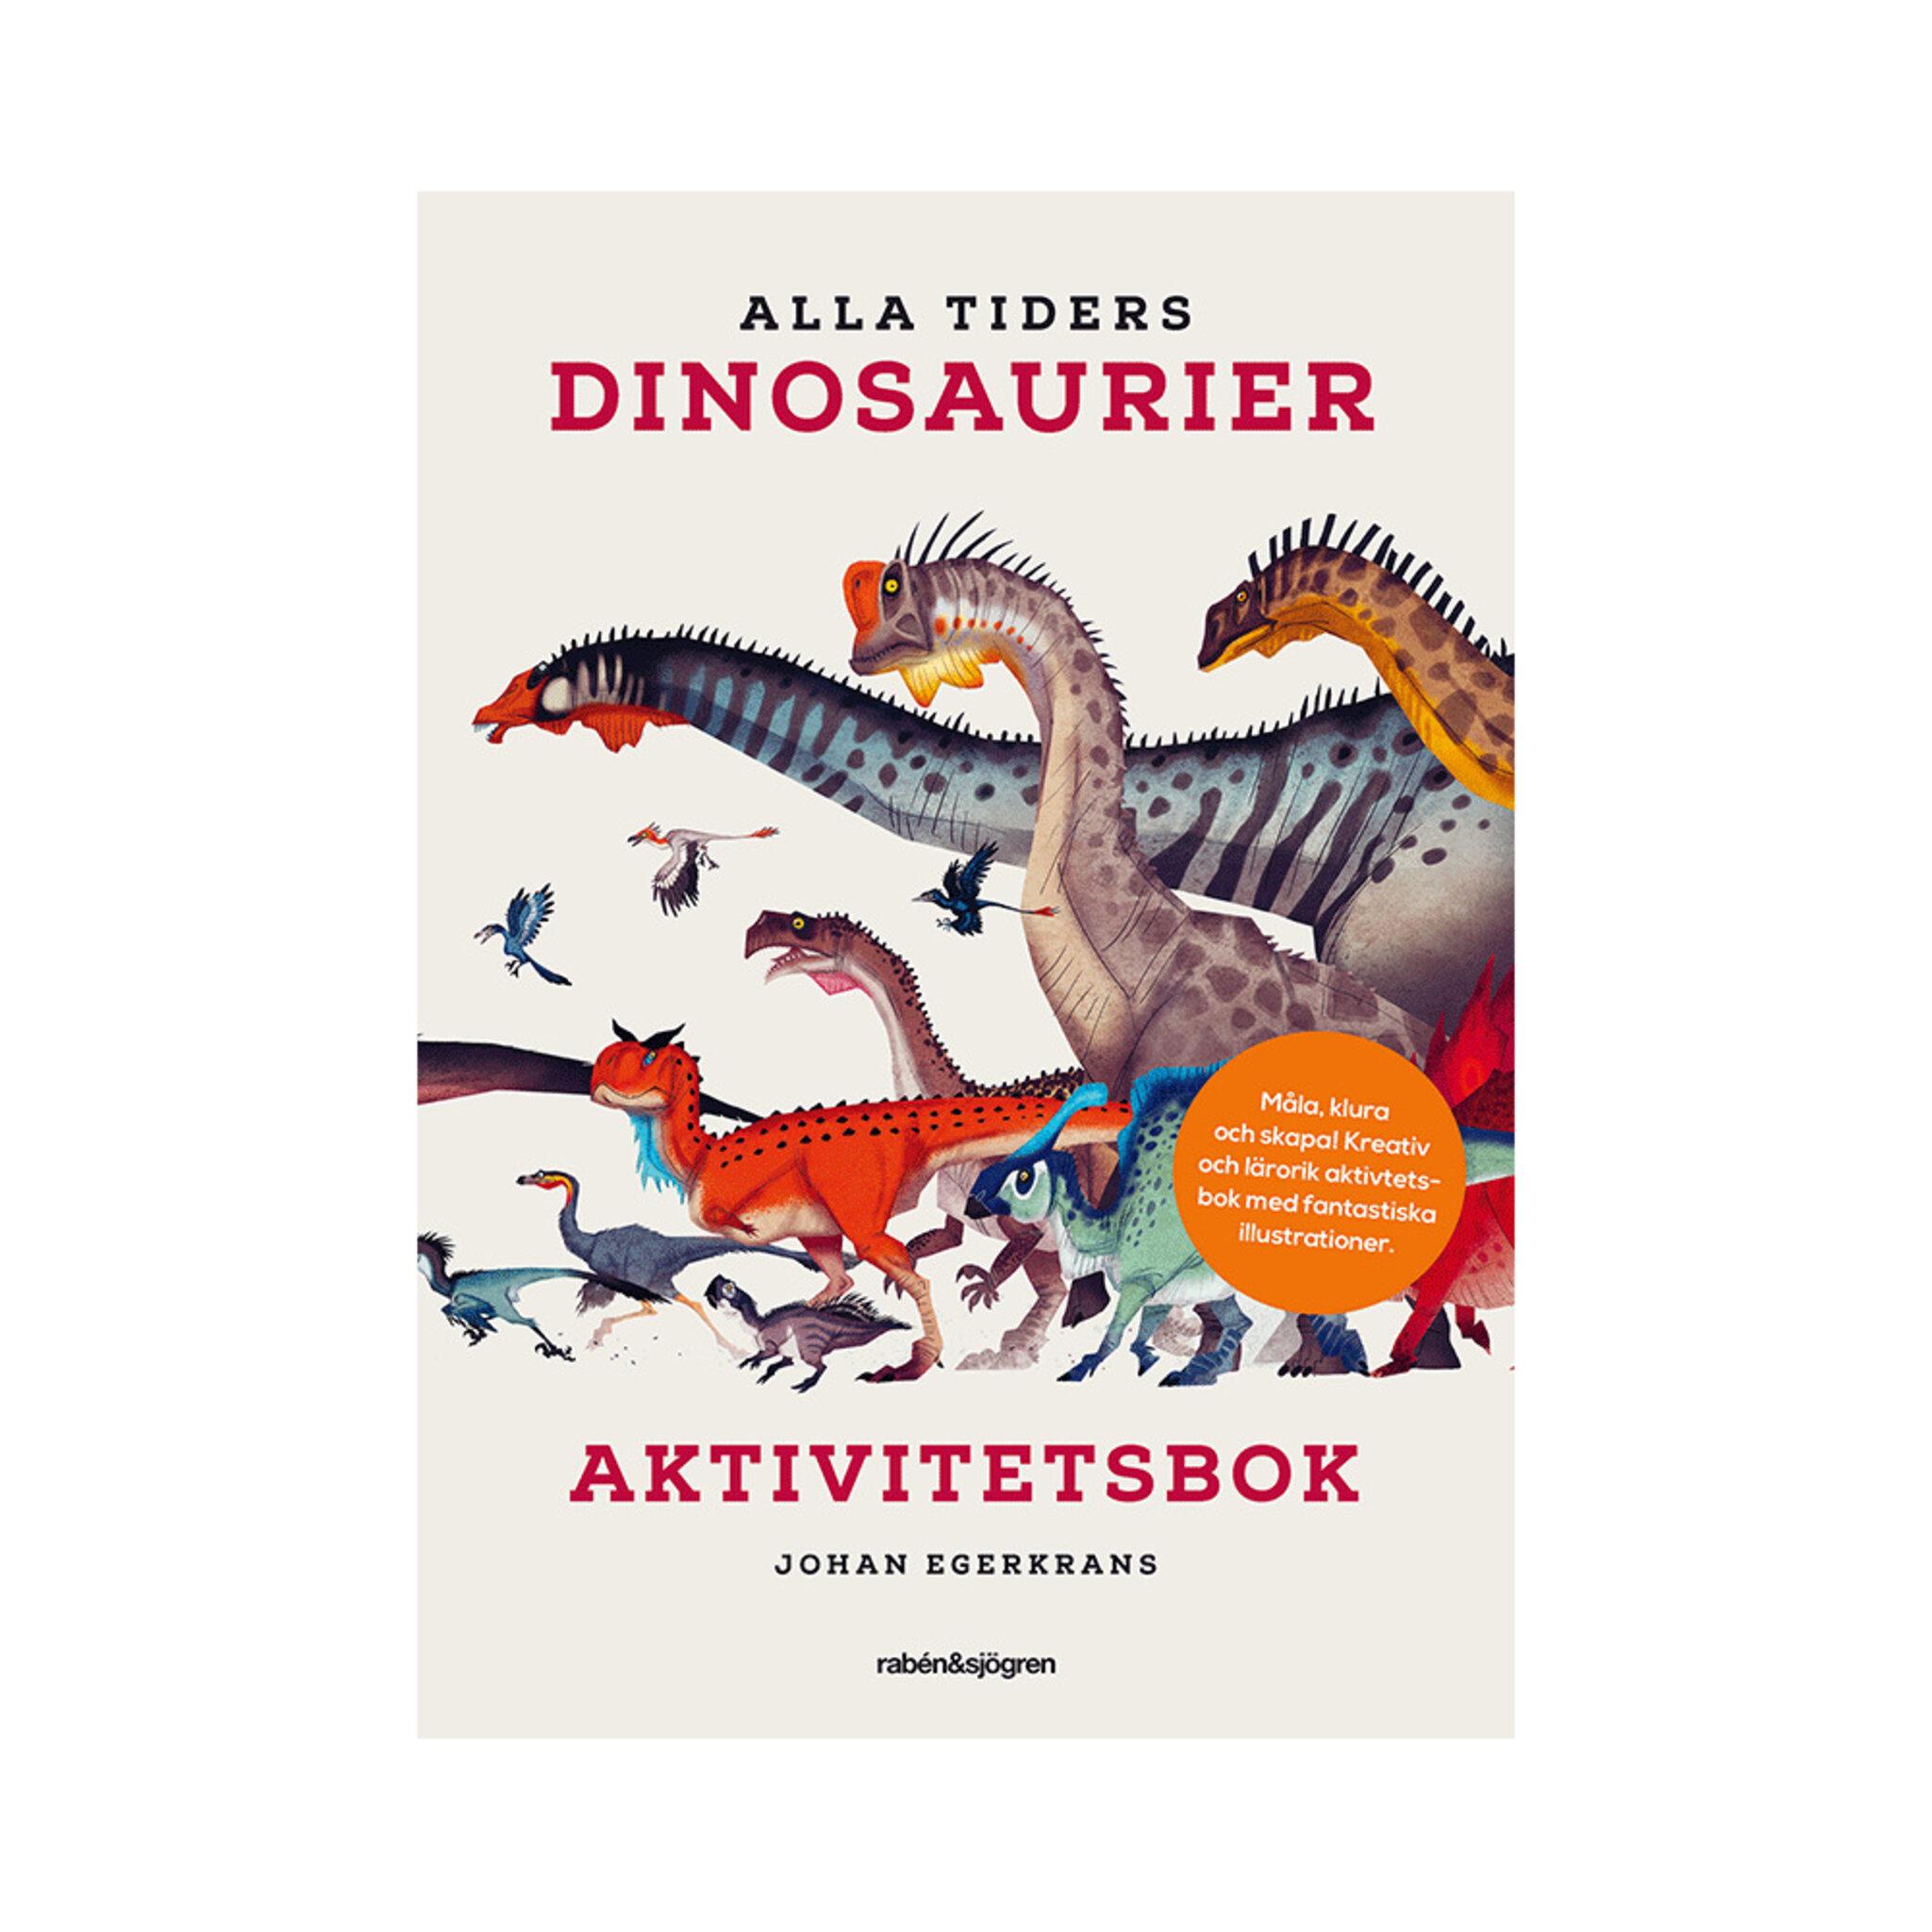 Pysselbok Alla Tiders Dinosaurier Aktivitetsbok